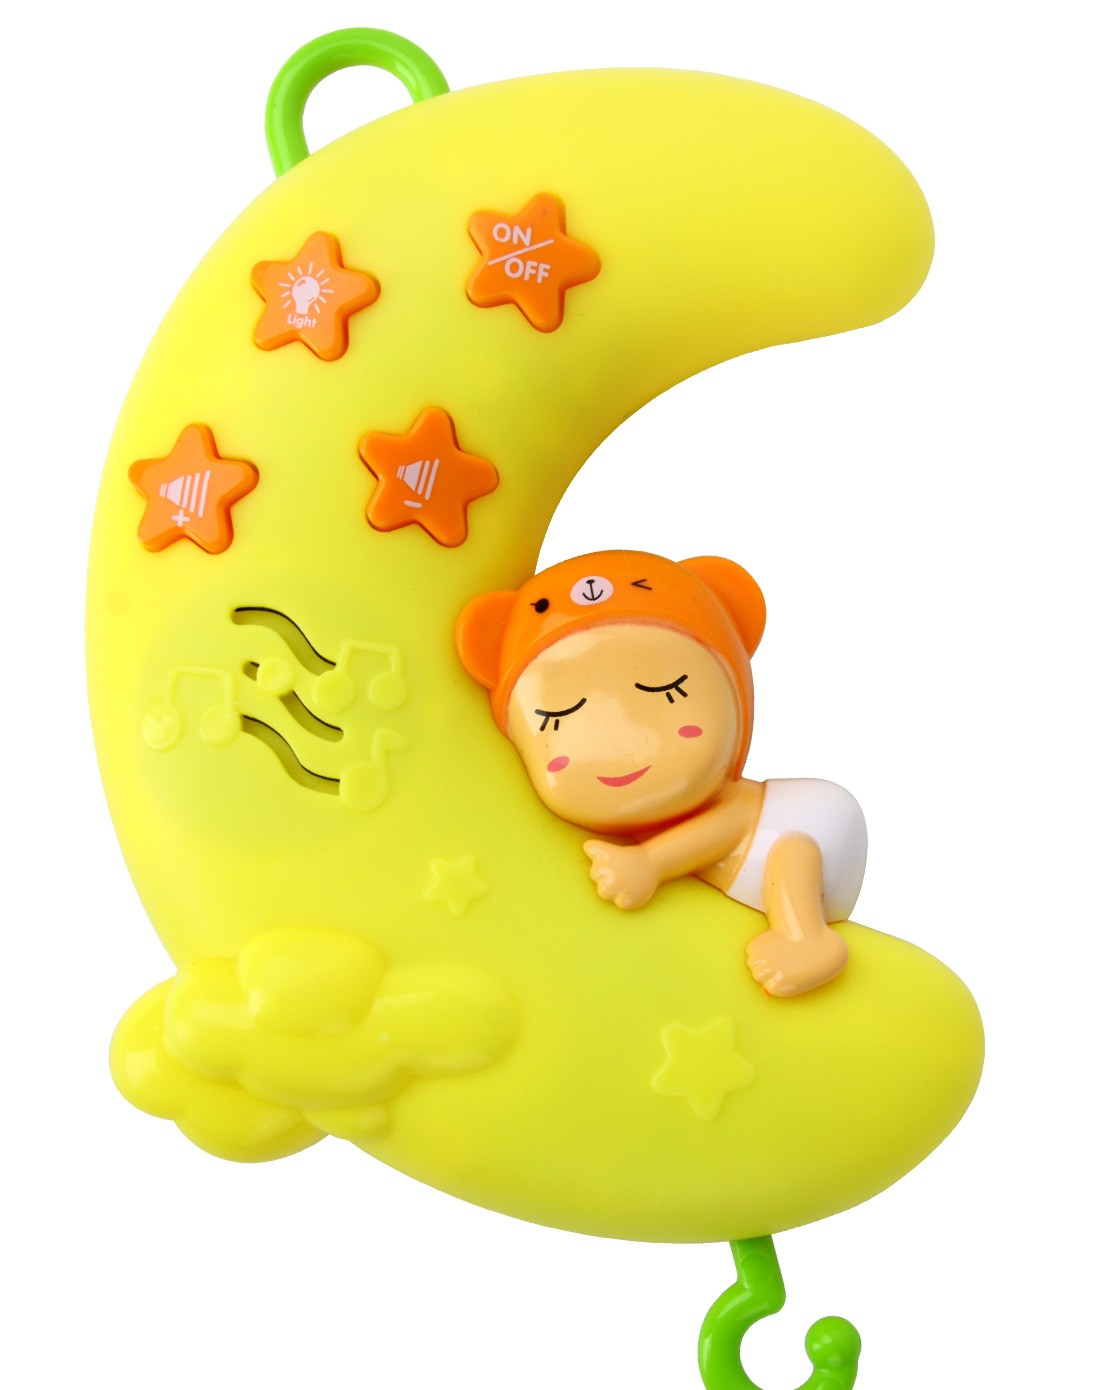 橙爱cheerbb益智玩具专场月亮宝贝音乐床铃升级版